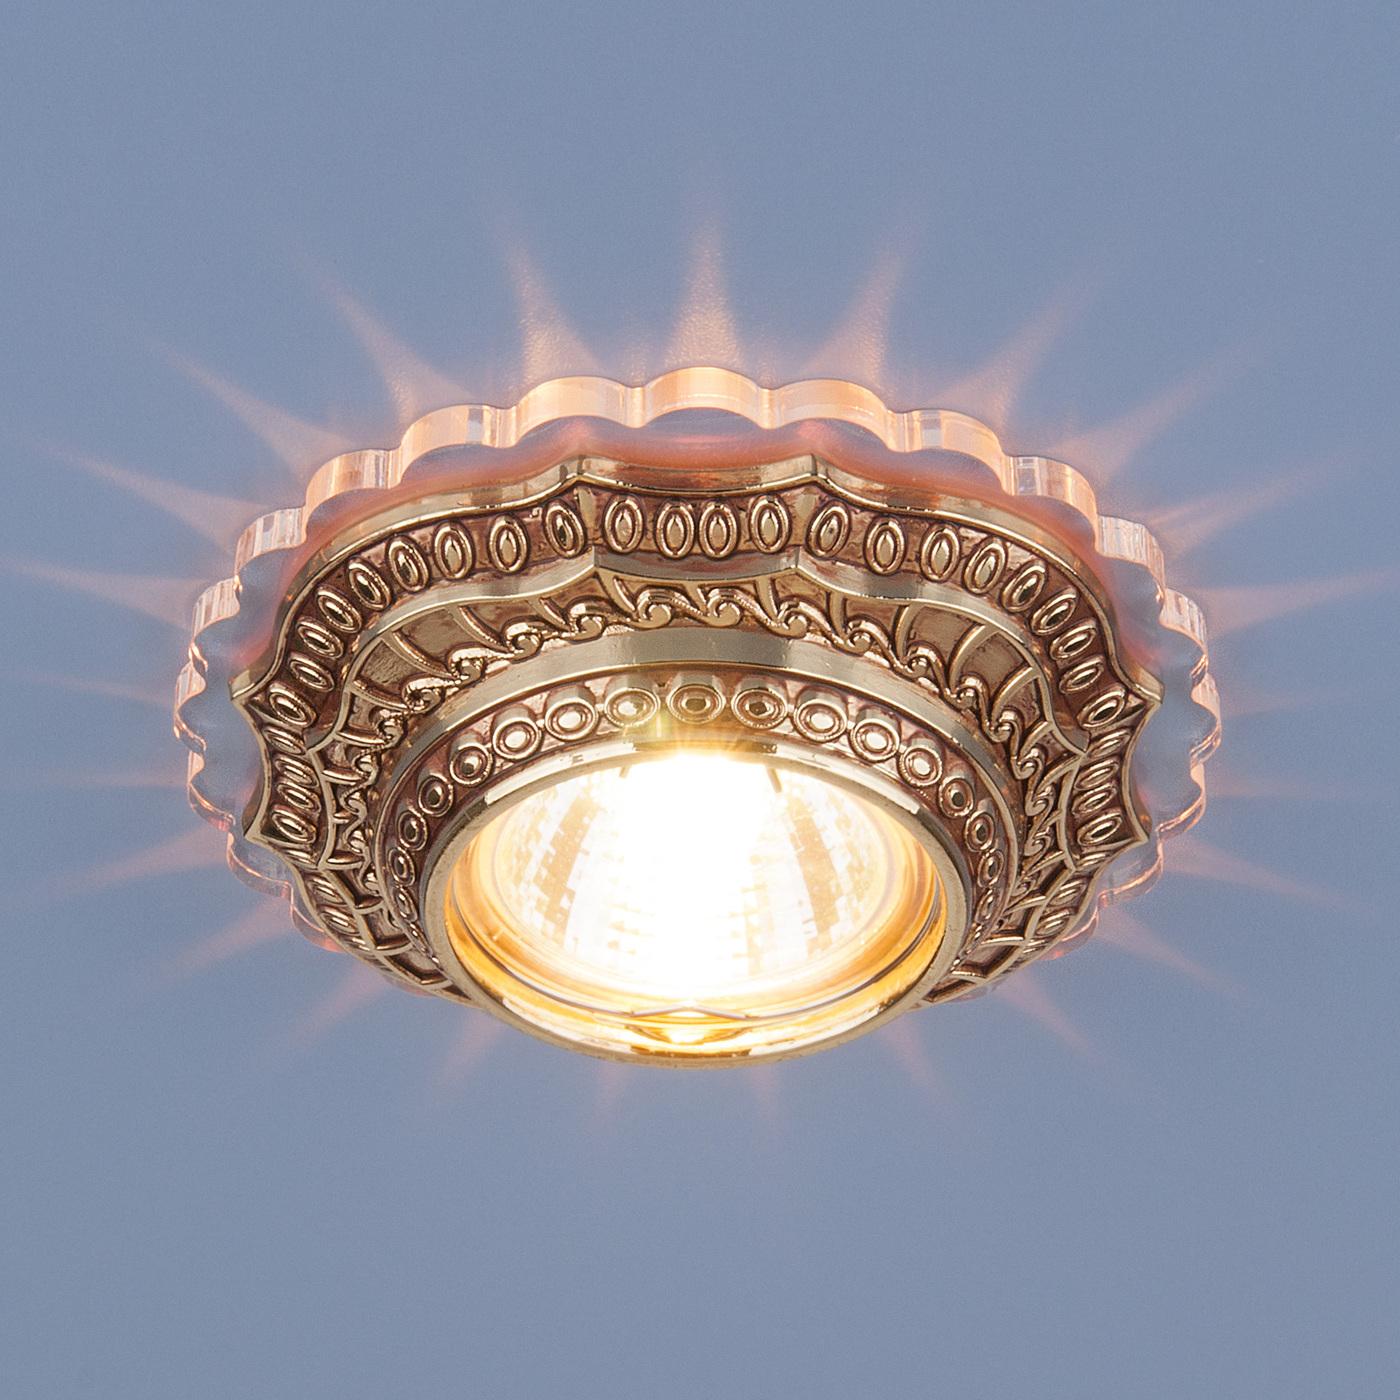 Встраиваемый светильник Elektrostandard потолочный 6027 MR16 GD, G5.3 светильник встраиваемый escada milano gu5 3 001 gd